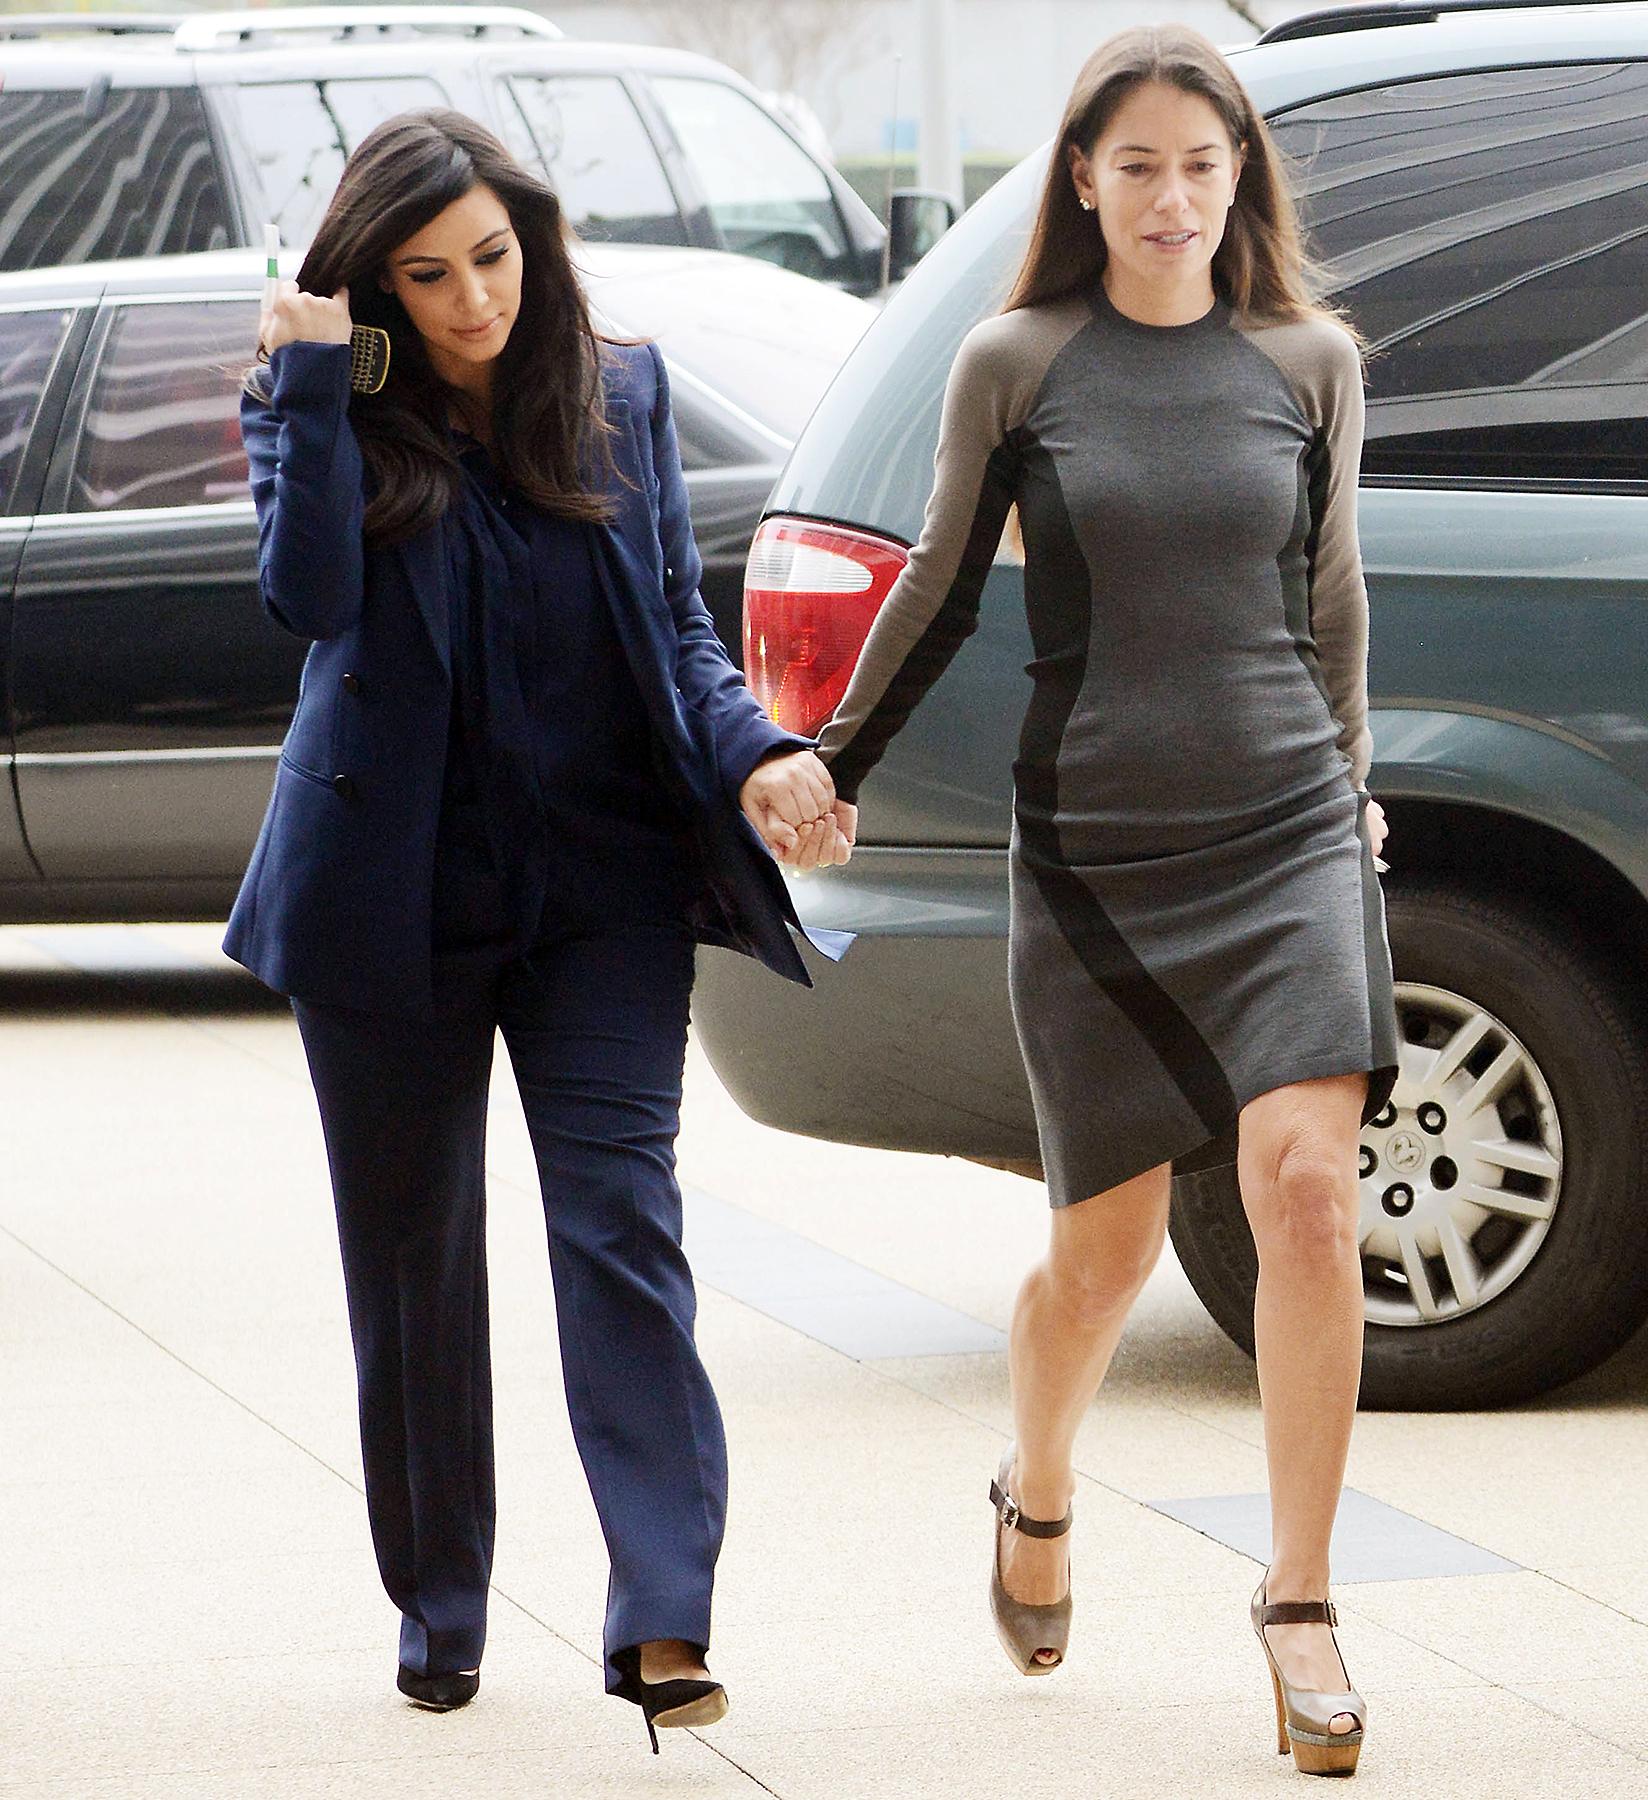 Kim Kardashian and Laura Wasser